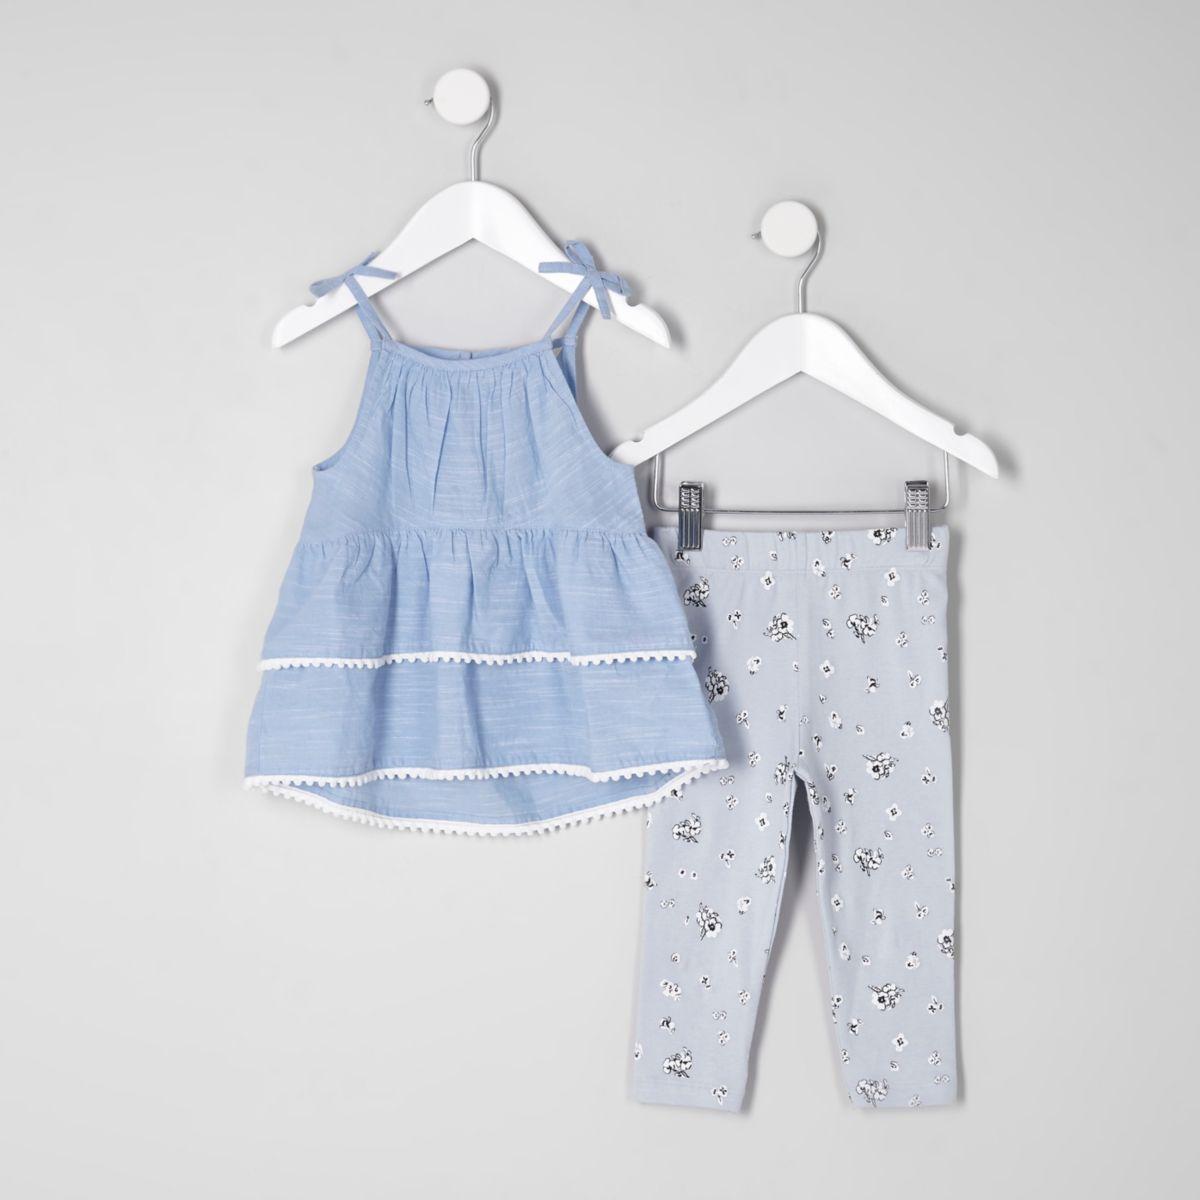 Outfit mit blauem Trägertop im Stufendesign